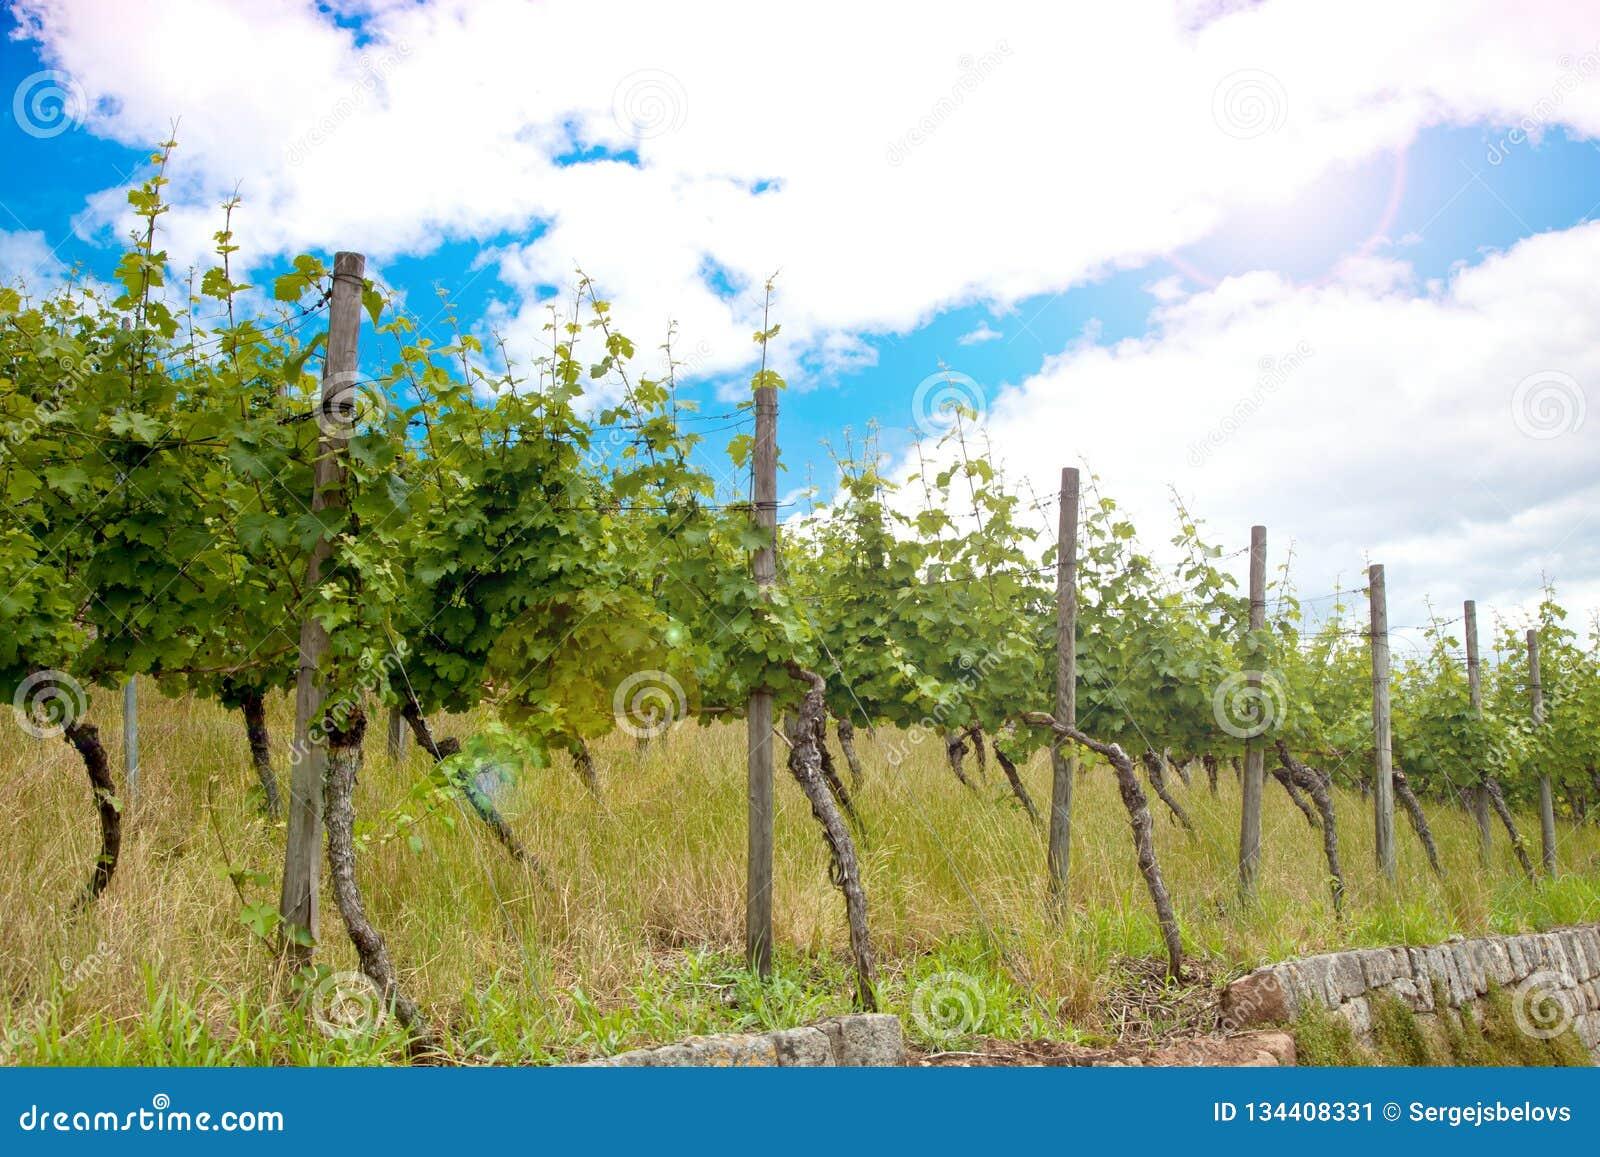 Wijngaard en wijnstokken in de vroege zomer, koninklijke wijngaard